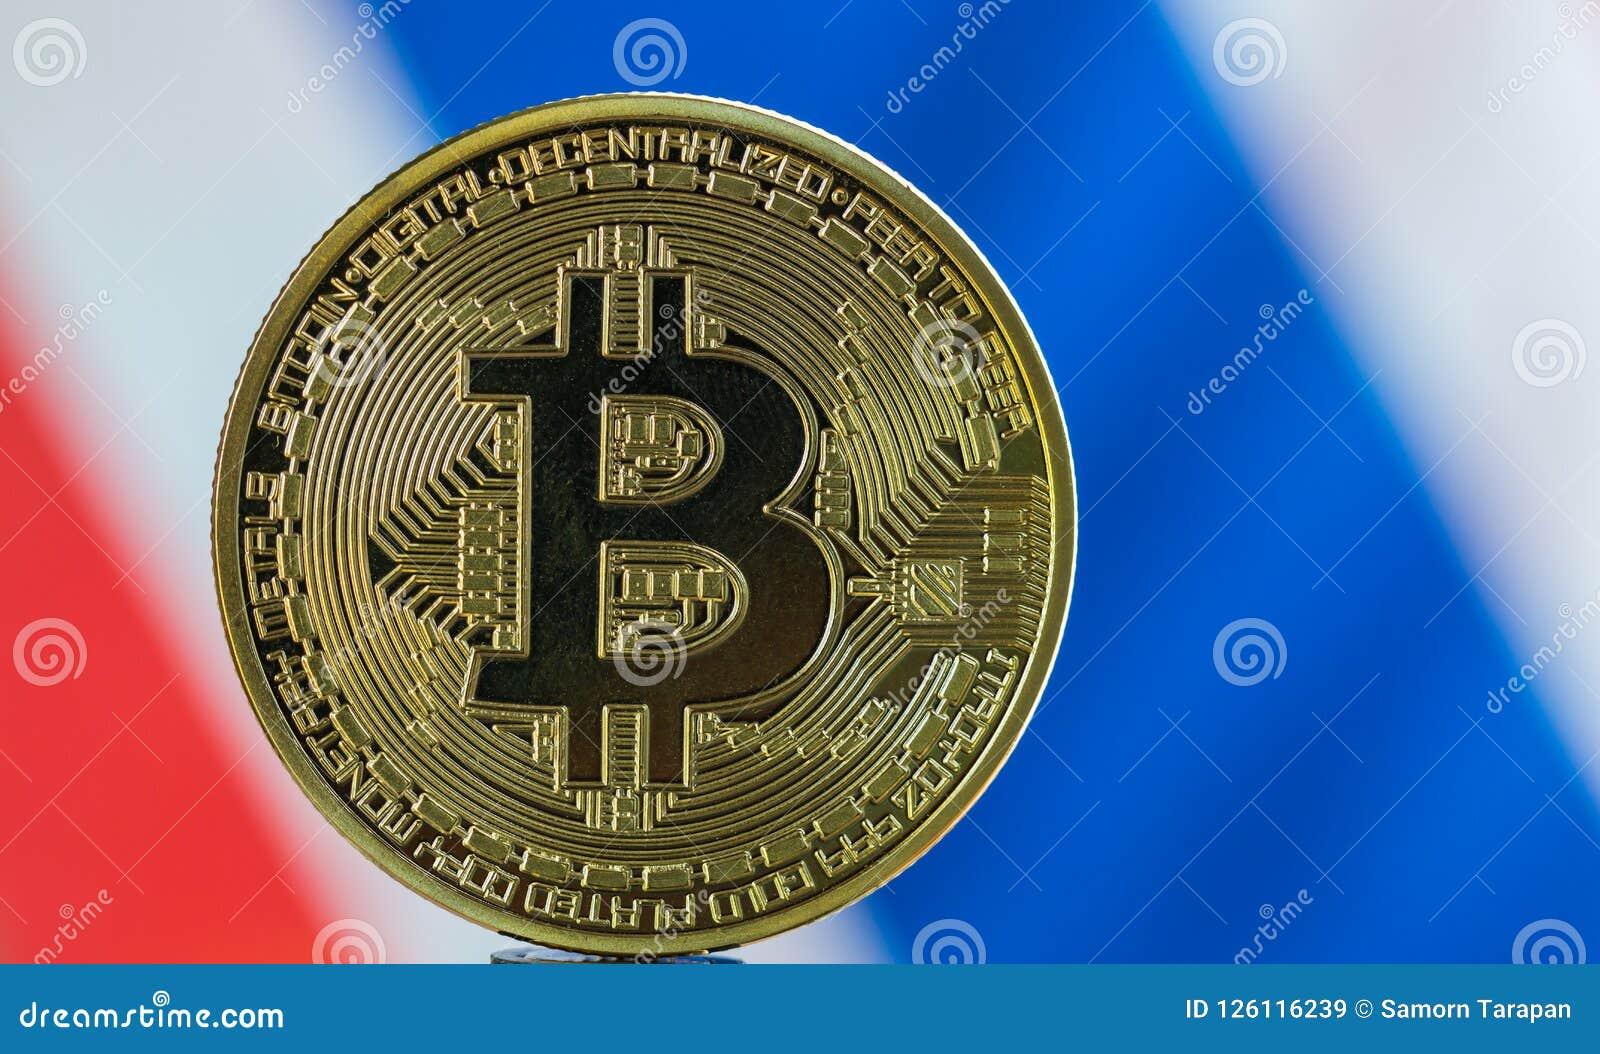 comparação de sites de negociação online troca de moeda digital